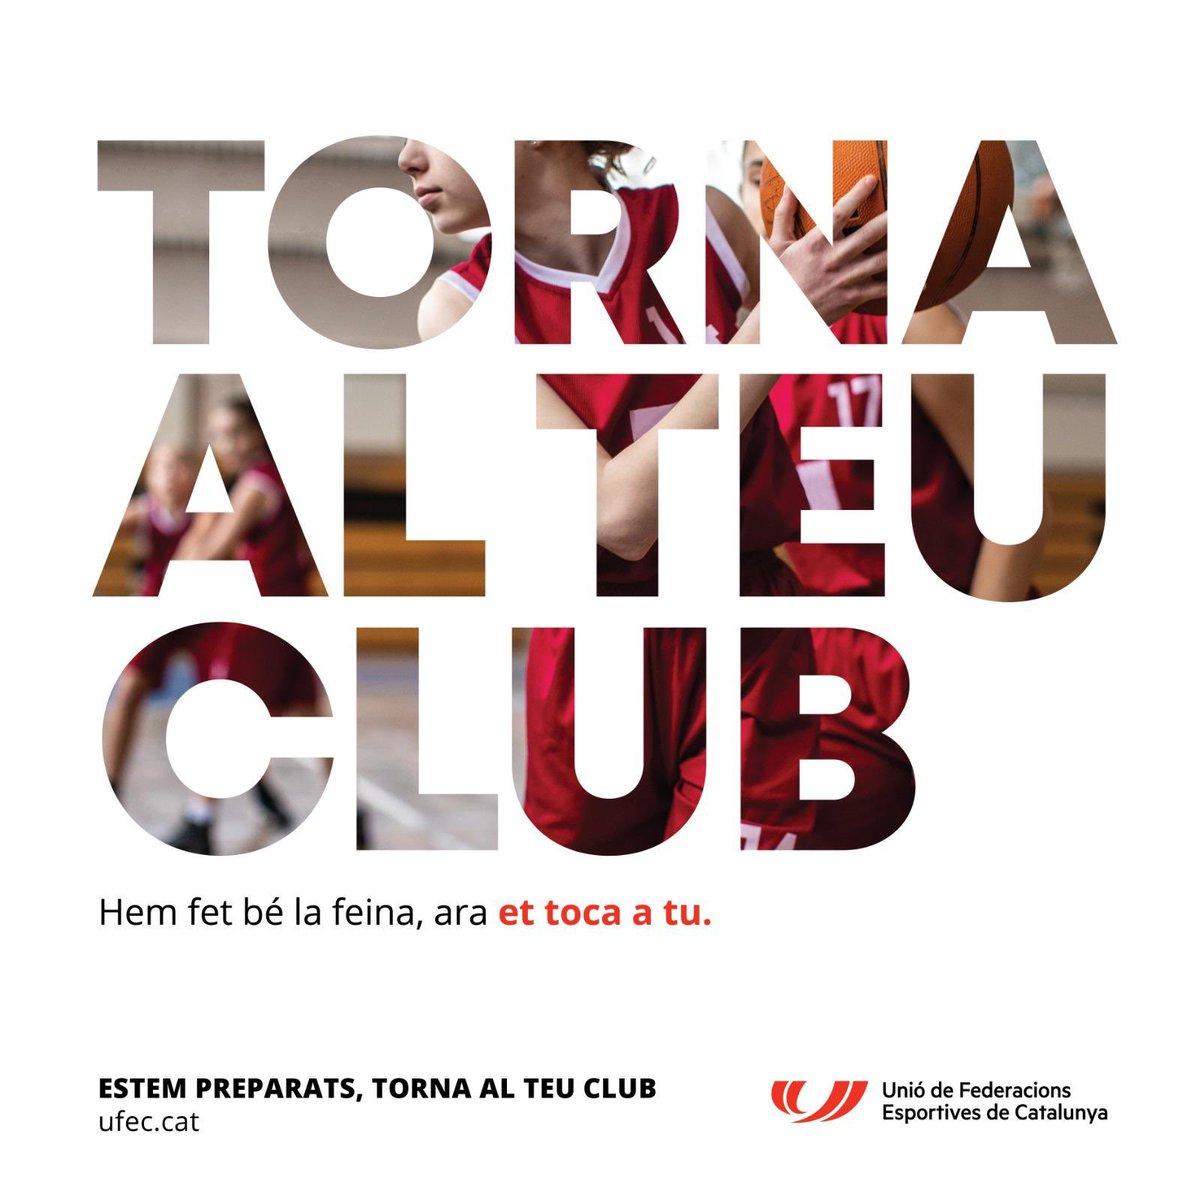 Estem preparats. Torna al teu club‼️  ✅Federacions i clubs hem fet la feina perquè l'esport sigui un espai segur.  🎾Ara et toca a tu. Torna al teu club  #somesport #tenniscatalà #tennis #tenis #clubs #esportcat #TornaAlTeuClub https://t.co/XLP0Ovq6wH